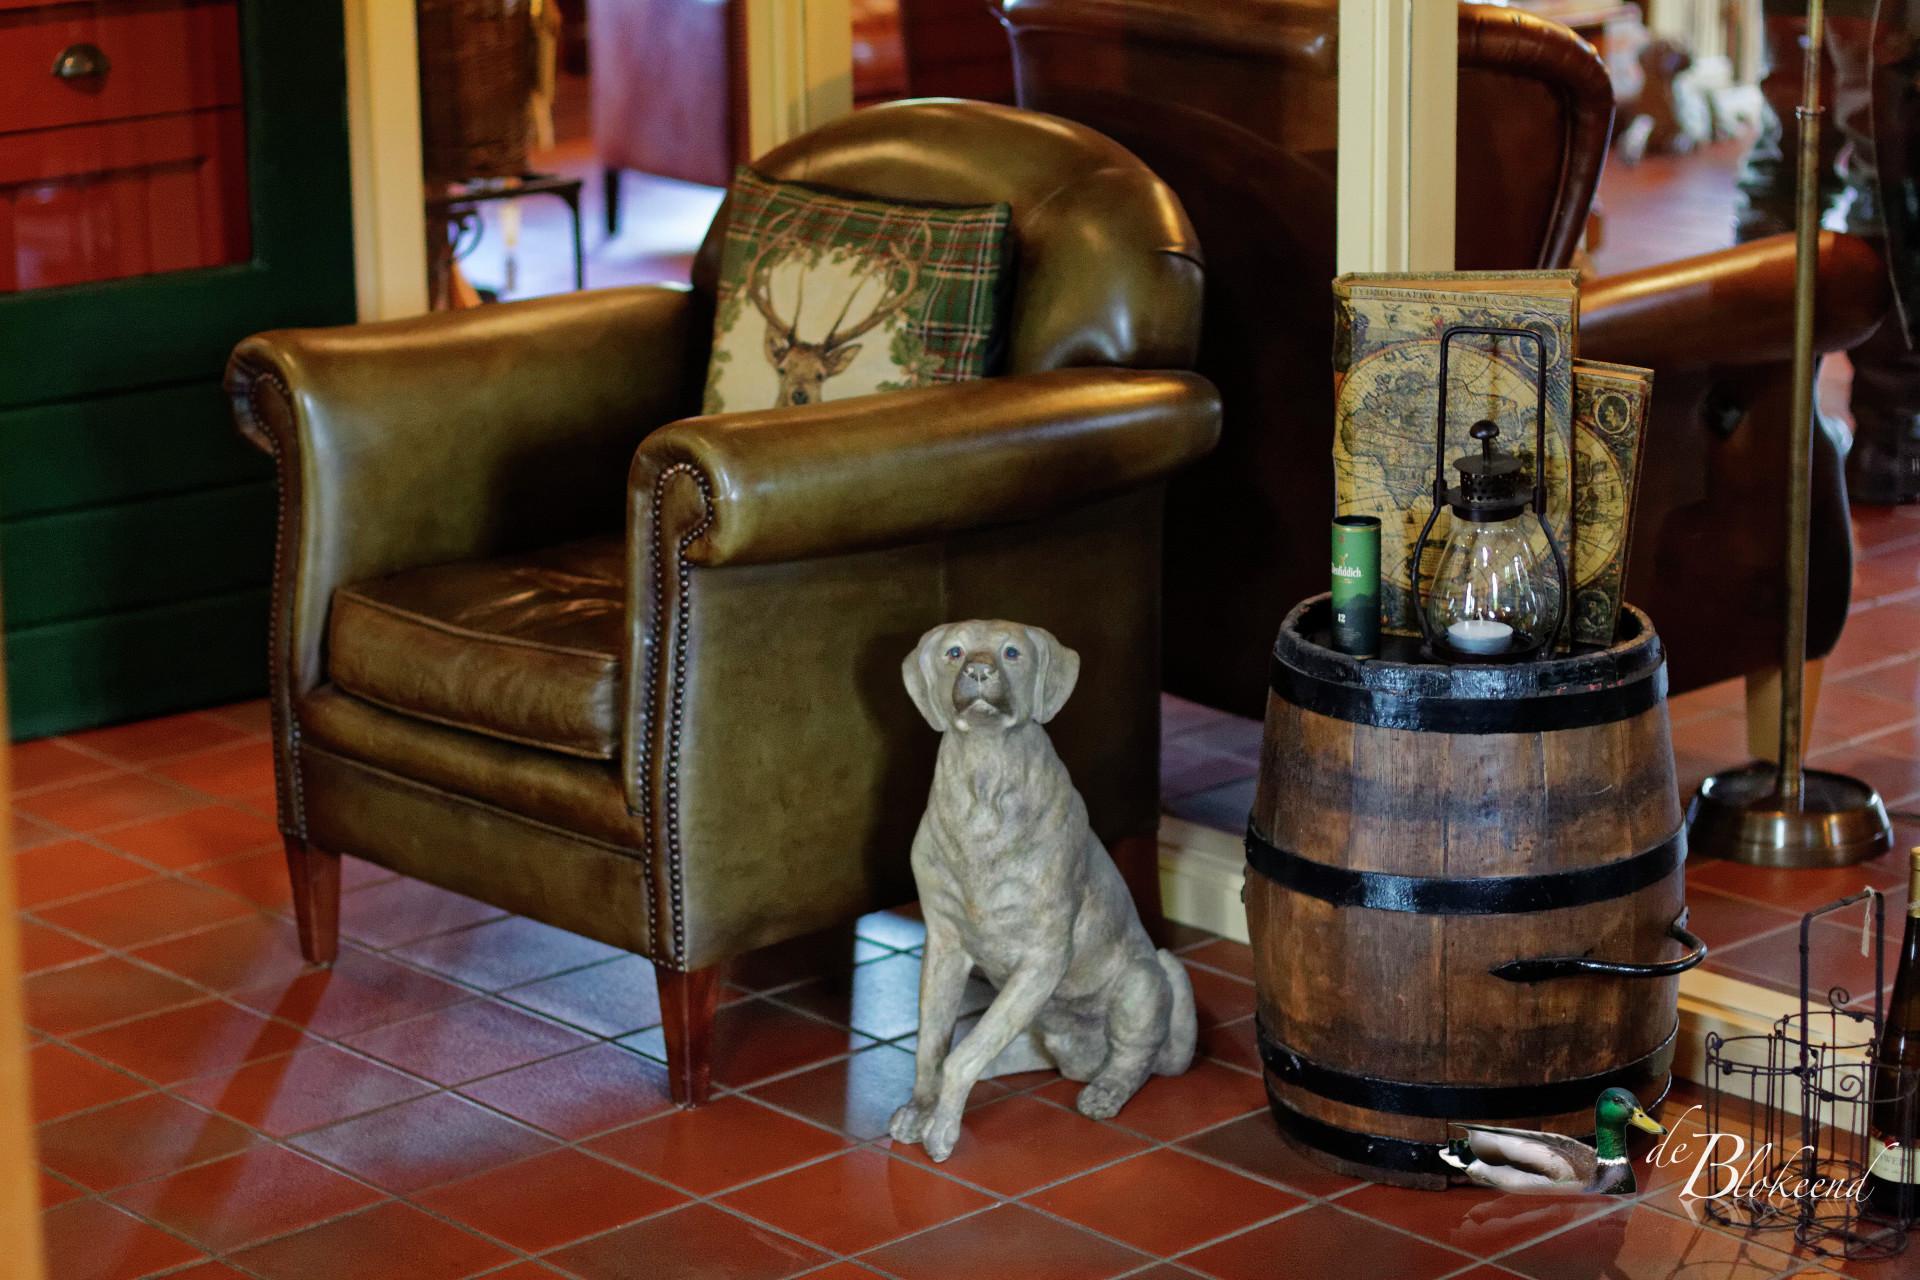 Meubelen engelse stijl groningen de blokeend - Comfortabele fauteuil ...